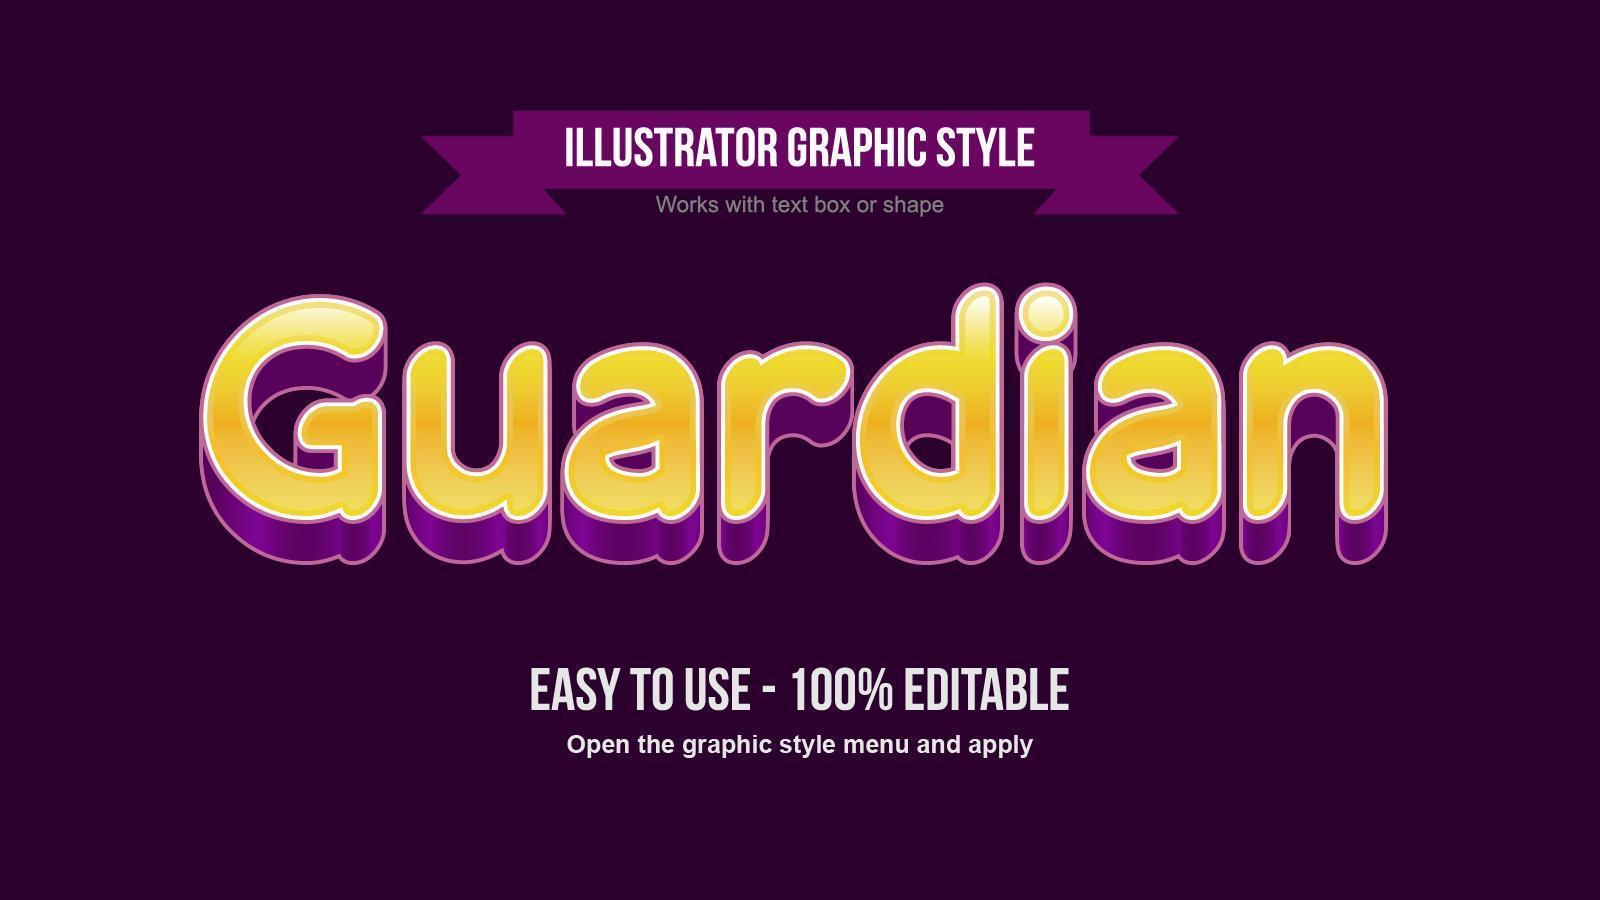 effet de texte de dessin animé 3d doré et violet vecteur